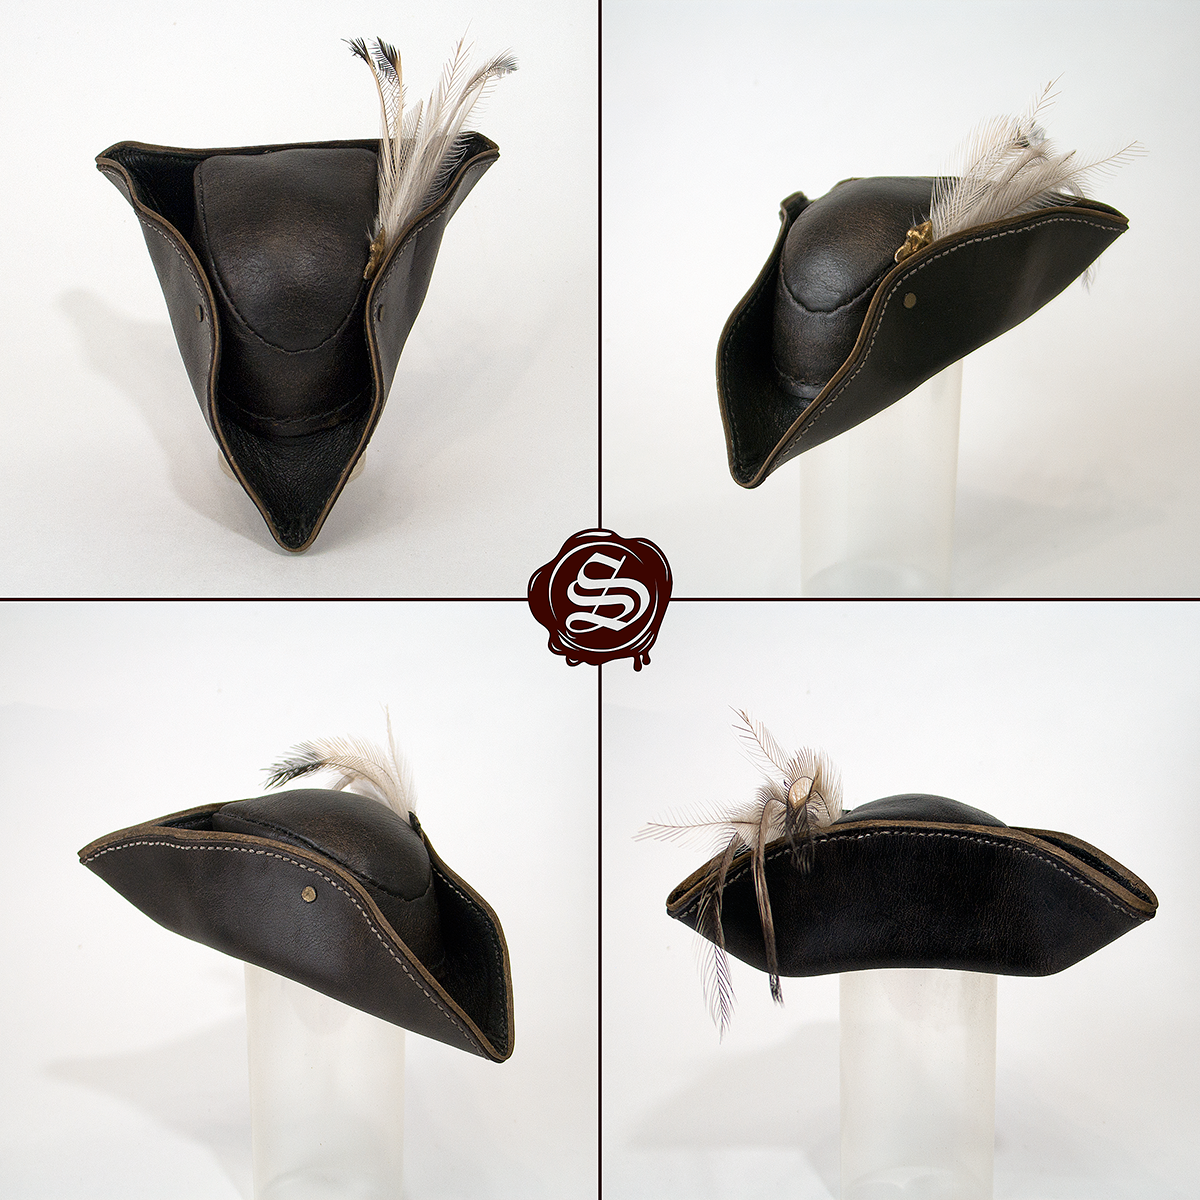 Bloodborne Lady Maria Leather Hat Replica By Svetliy Sudar On